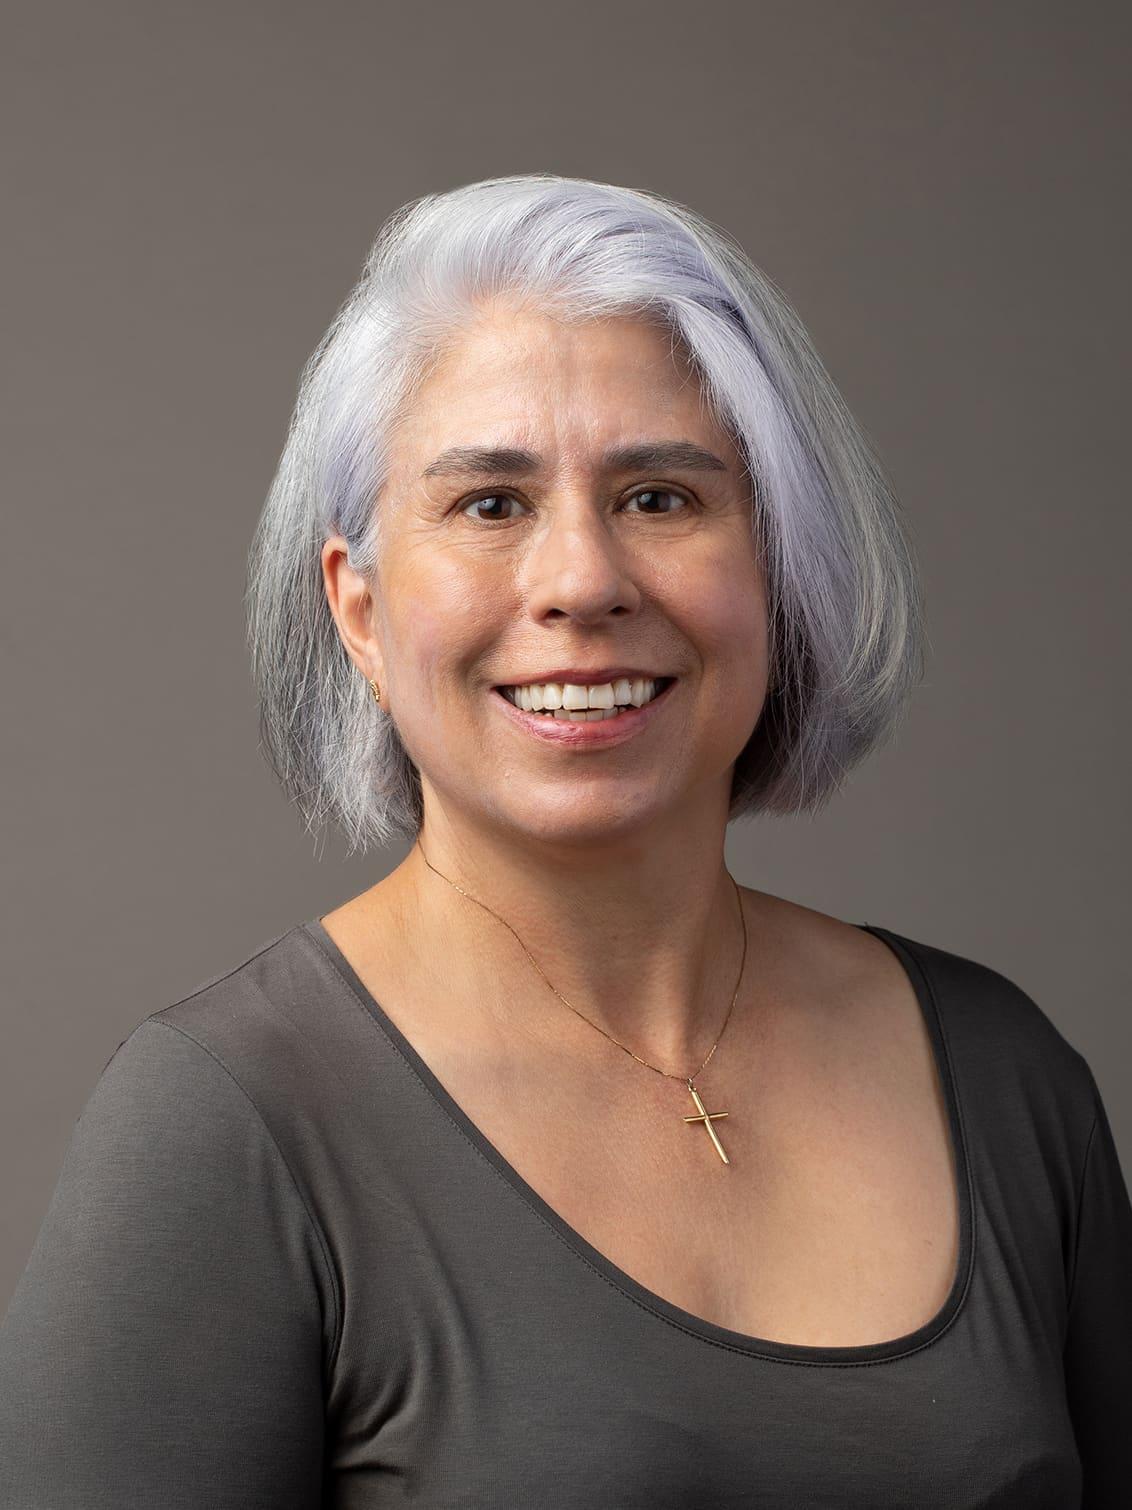 Kirsten Bechtel